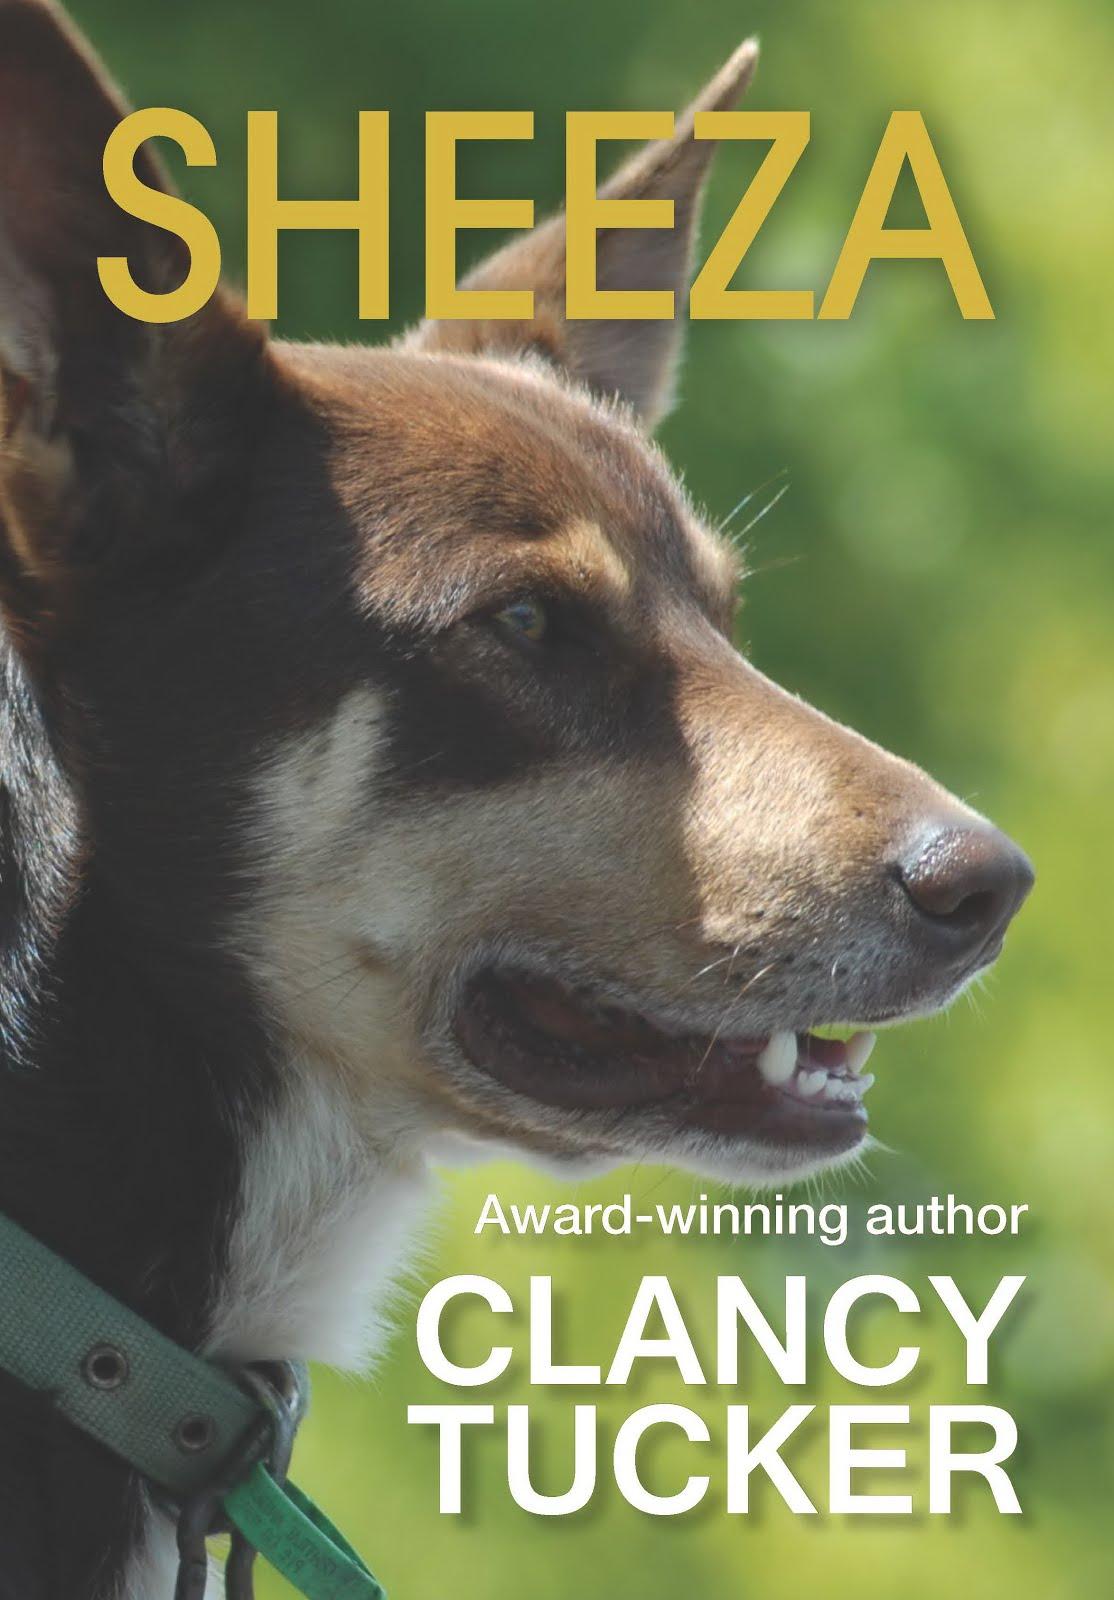 'SHEEZA' - AUSTRALIA